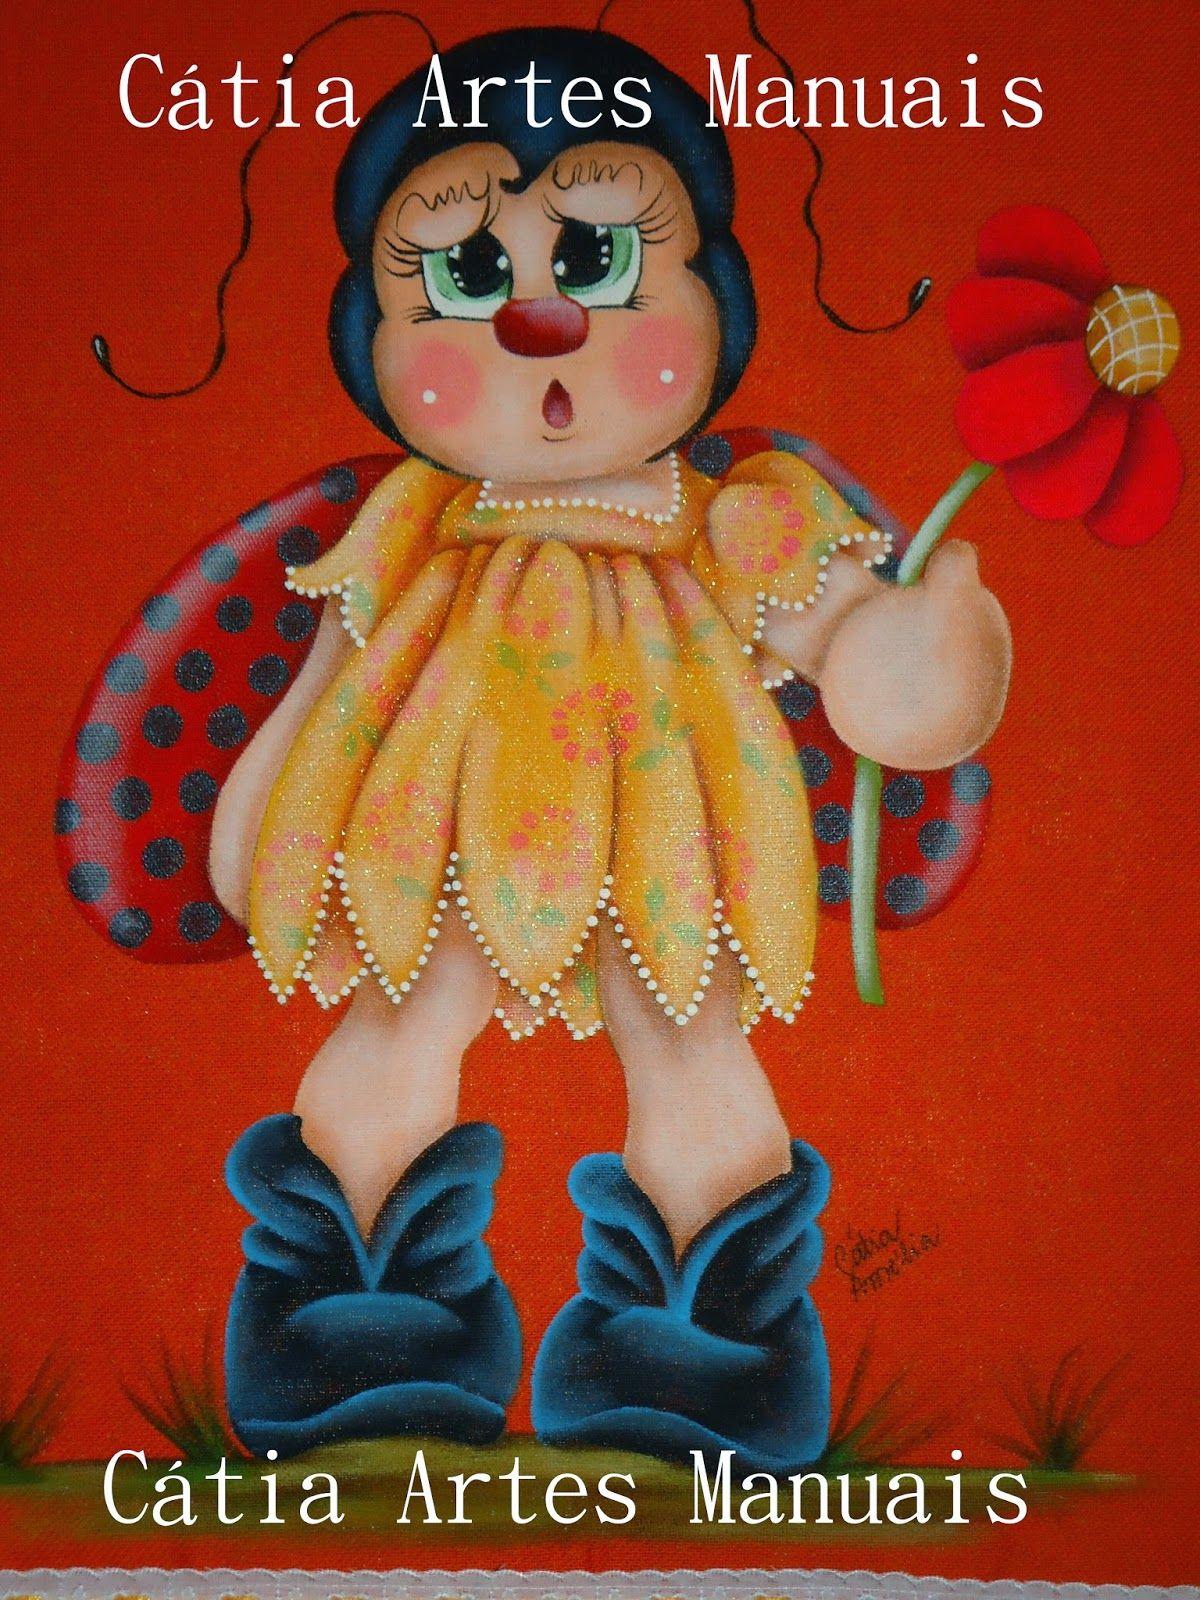 Catia Artes Manuais: PASSO A PASSO JOANINHA COUNTRY